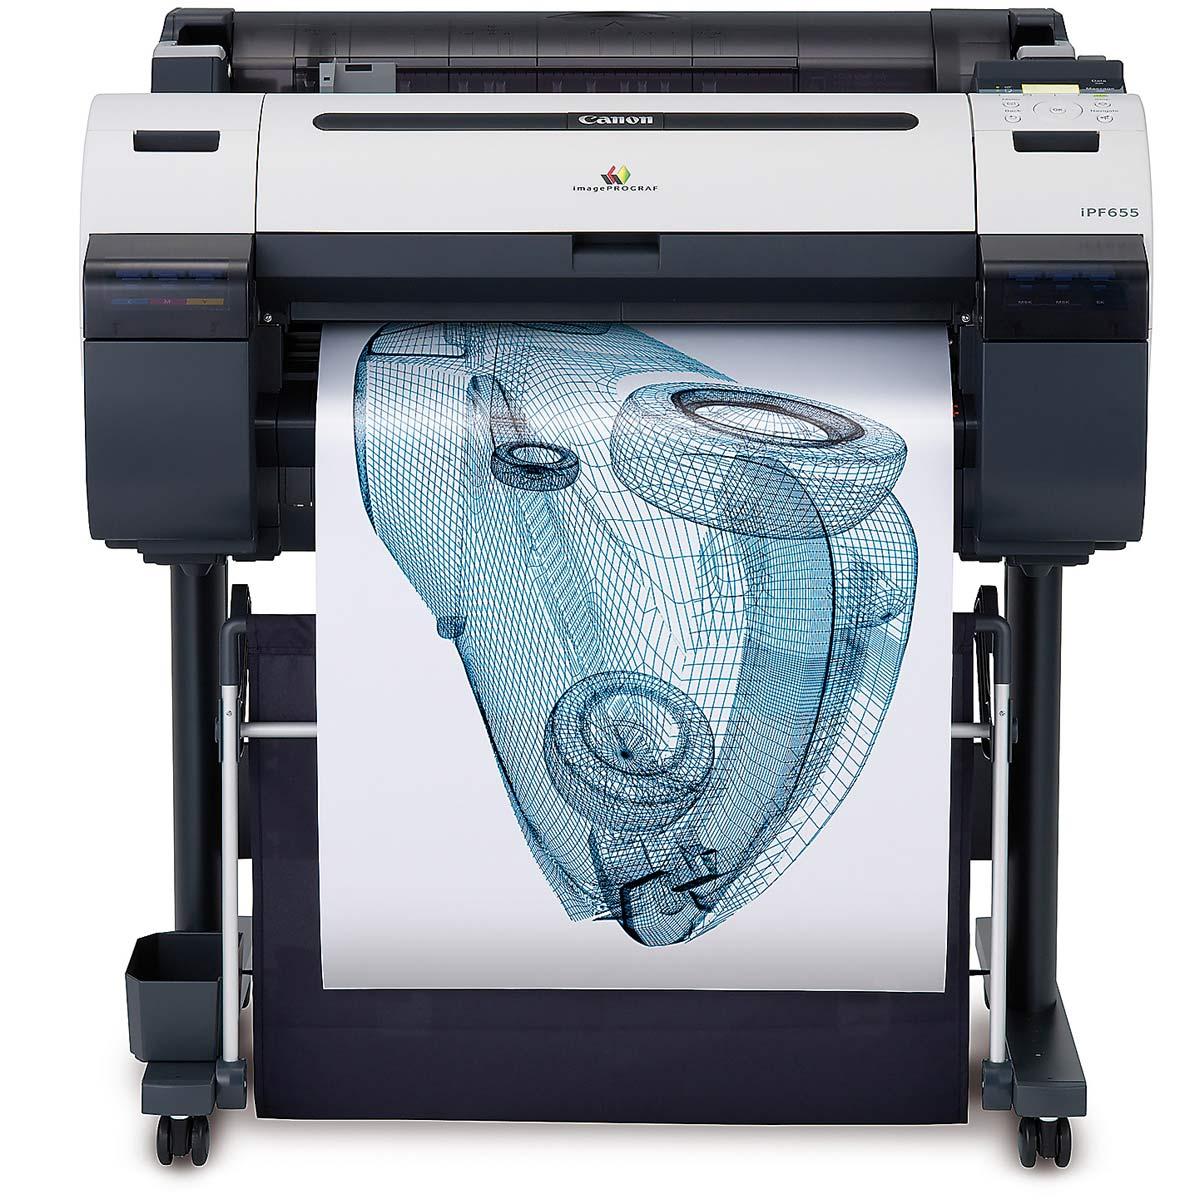 Canon Ipf655 A1 Wide Printer